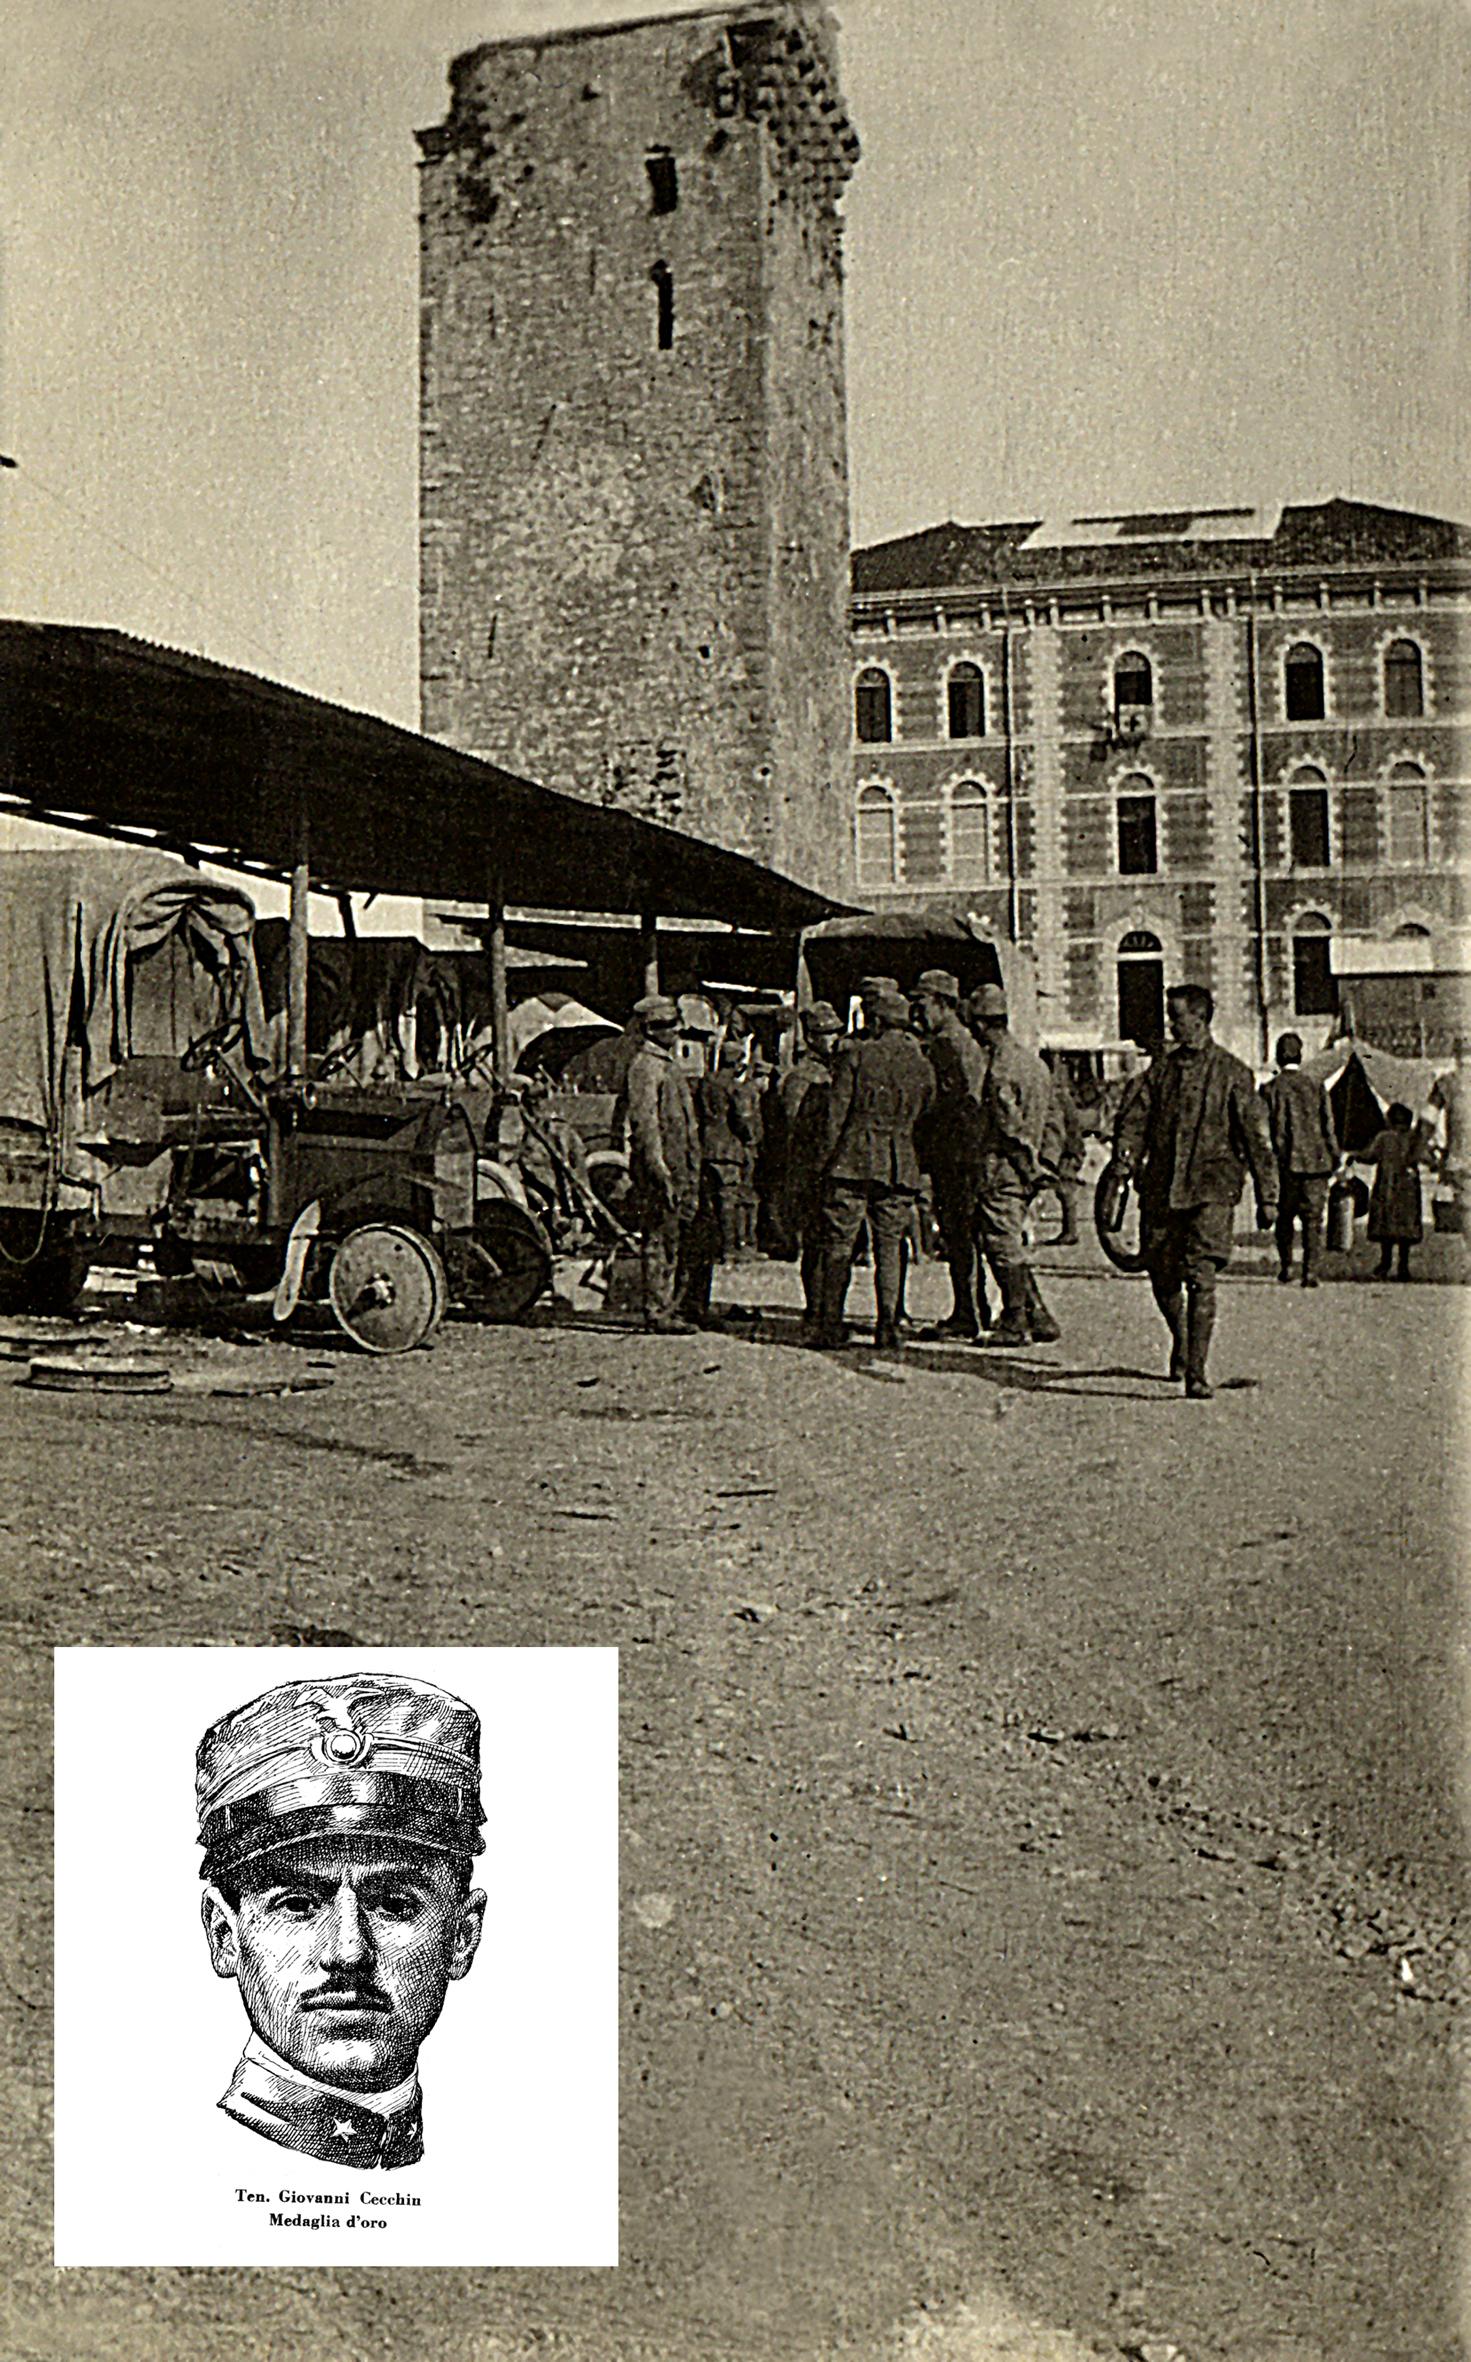 05 - l'autoparco davanti l'ospedale oggi municipio dove morirà G. Cecchin Med. d'oro sull'Ortigara -  ASDM.JPG